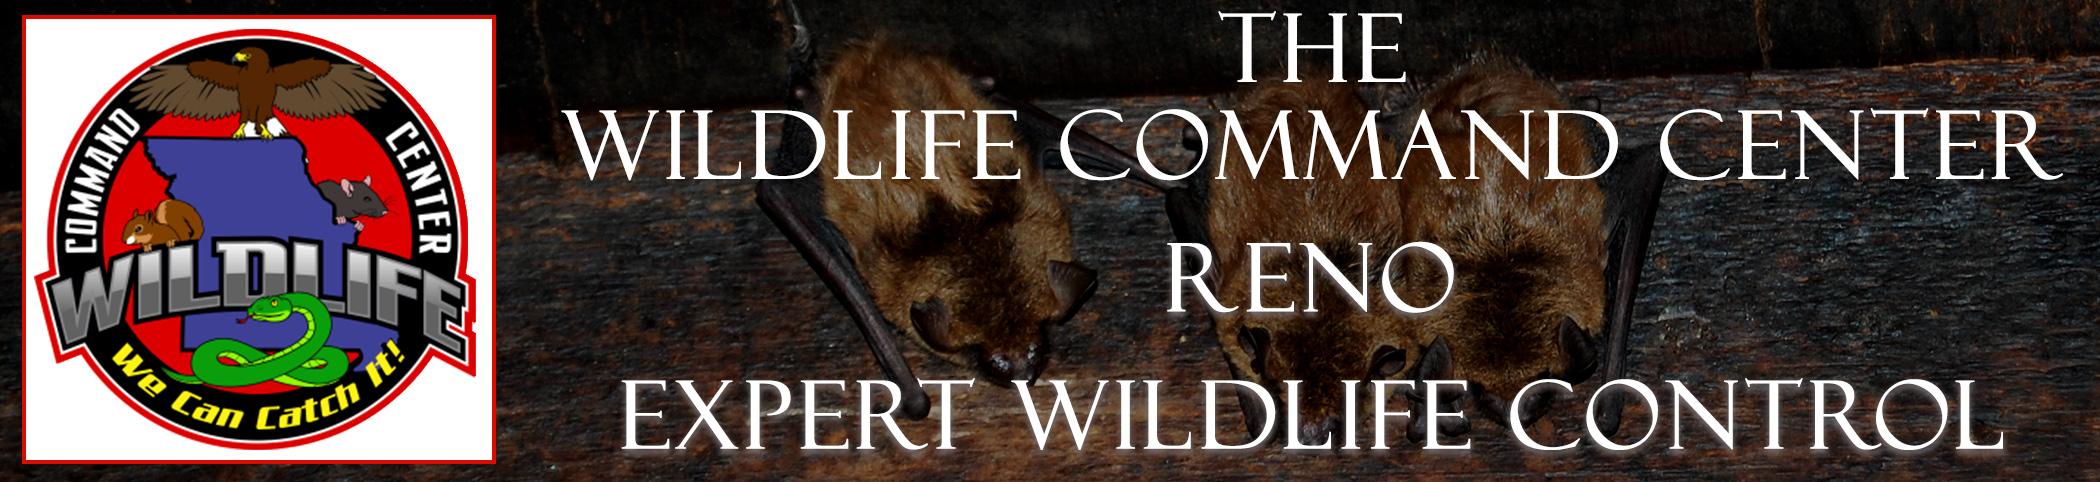 reno-wildlife-command-center